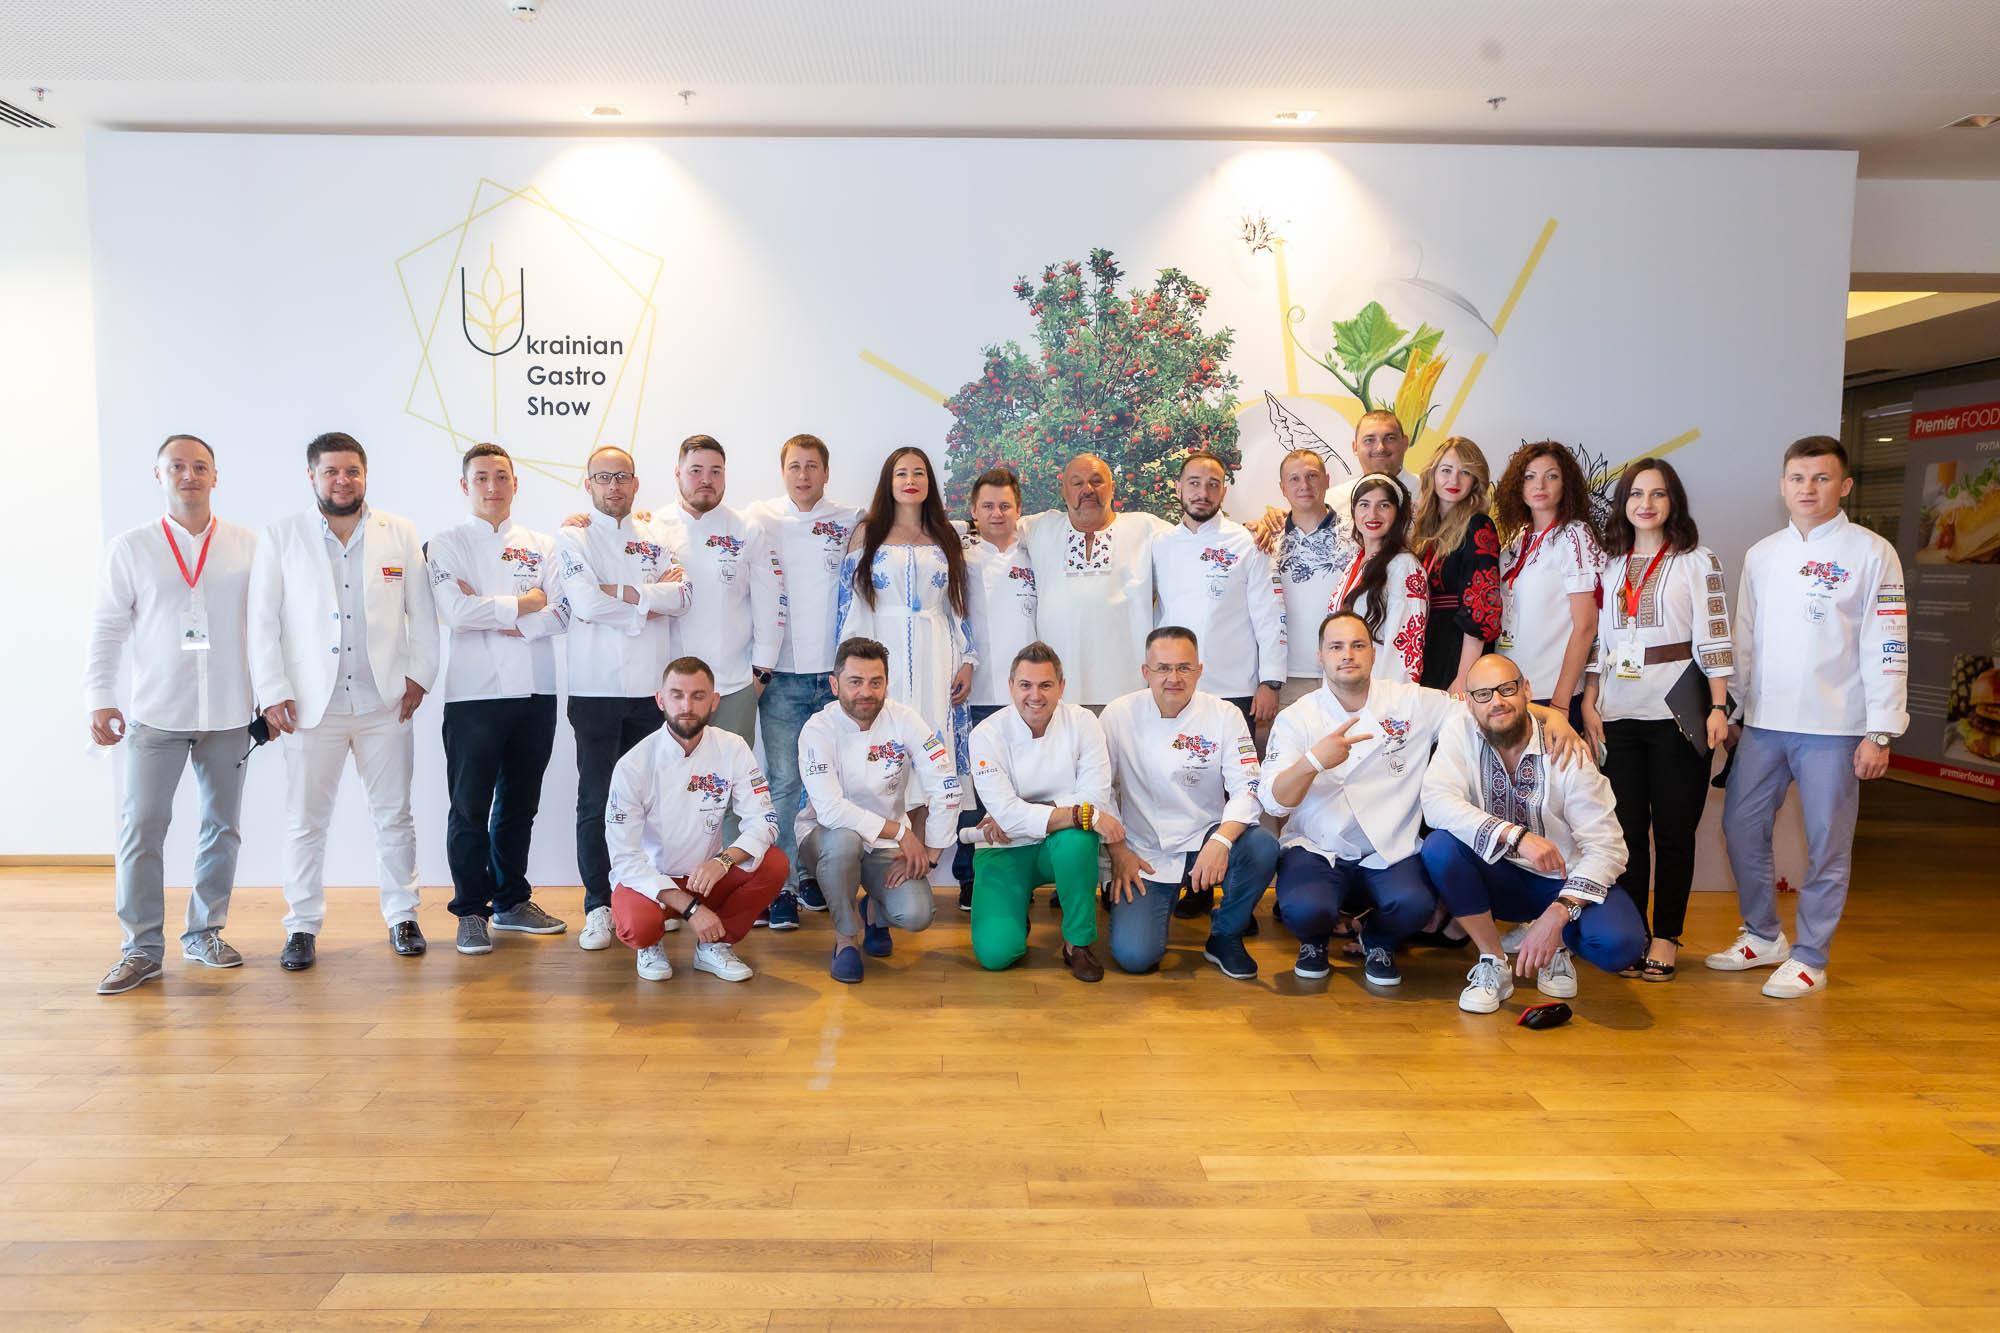 VERDI официальный партнер UKRAINIAN GASTRO SHOW 2019